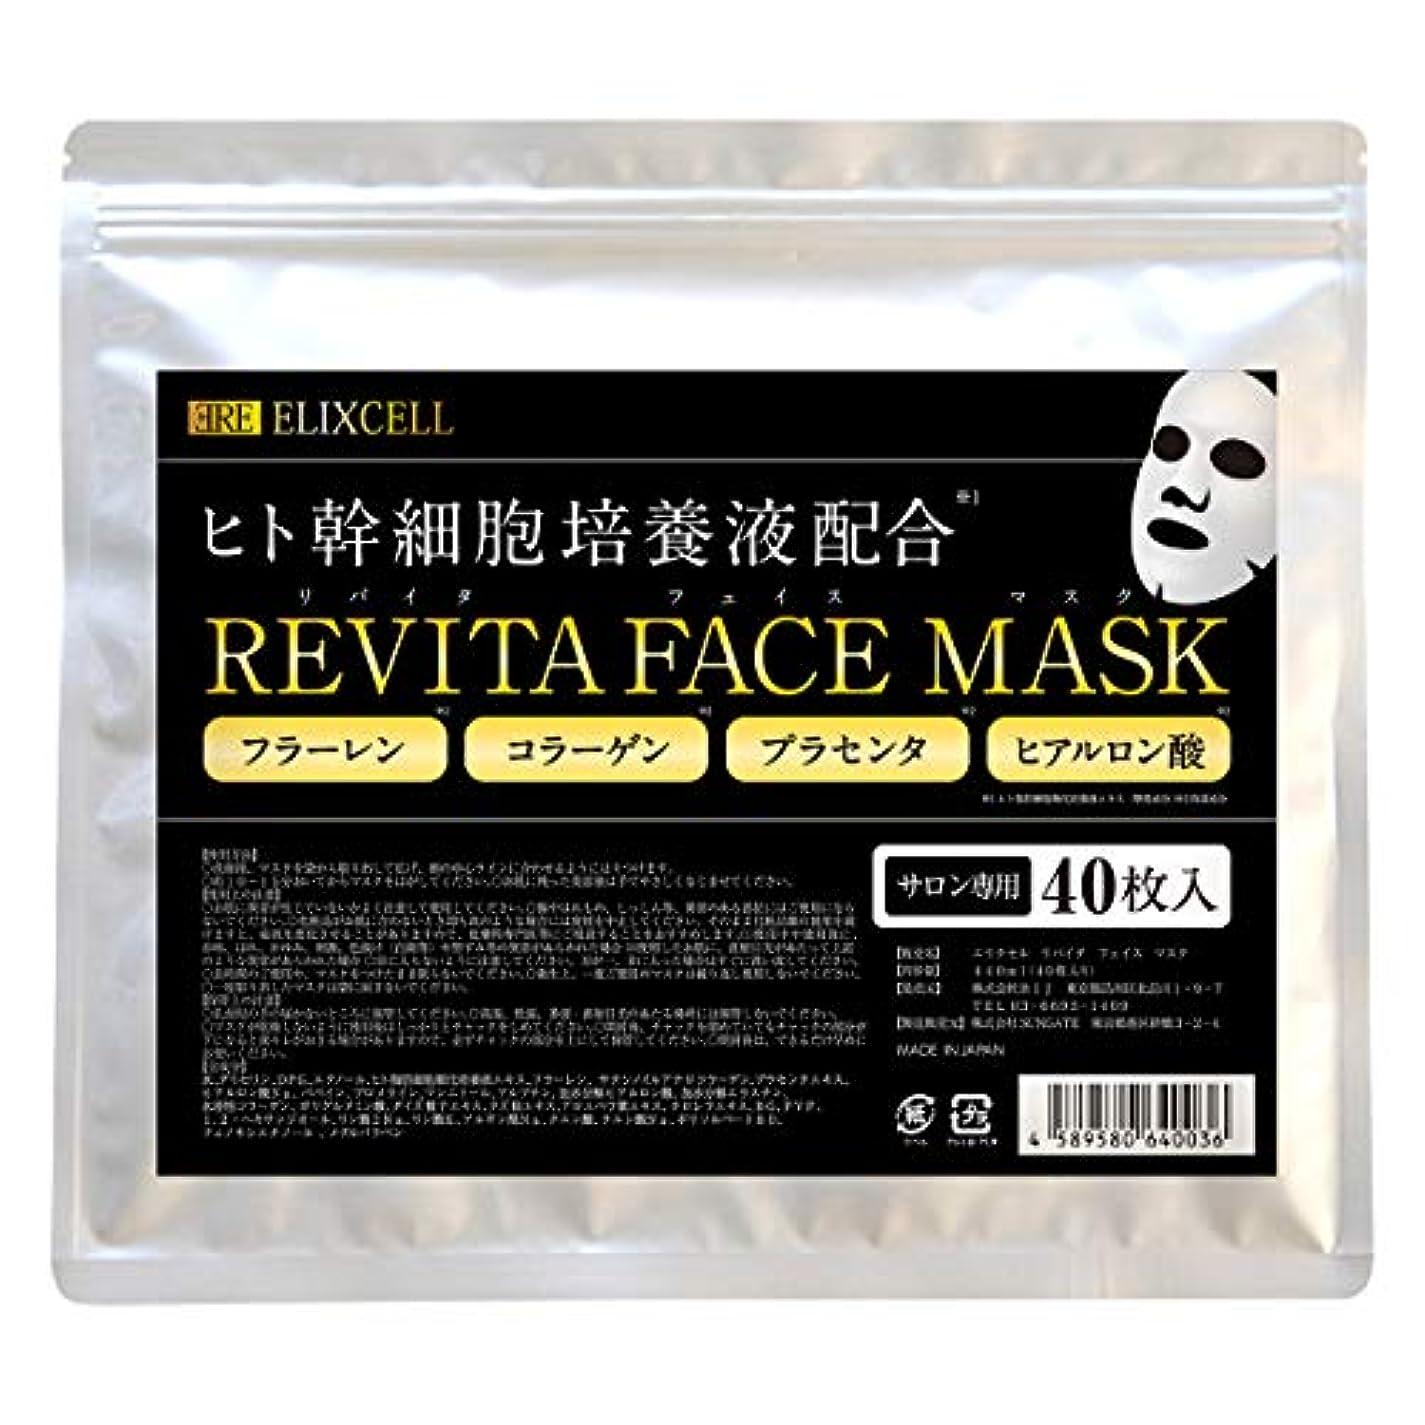 脱獄歯科のうめき声エリクセル リバイタ フェイスマスク(40枚入り) ヒト幹細胞培養エキス フラーレン コラーゲン サロン業界初 低価格